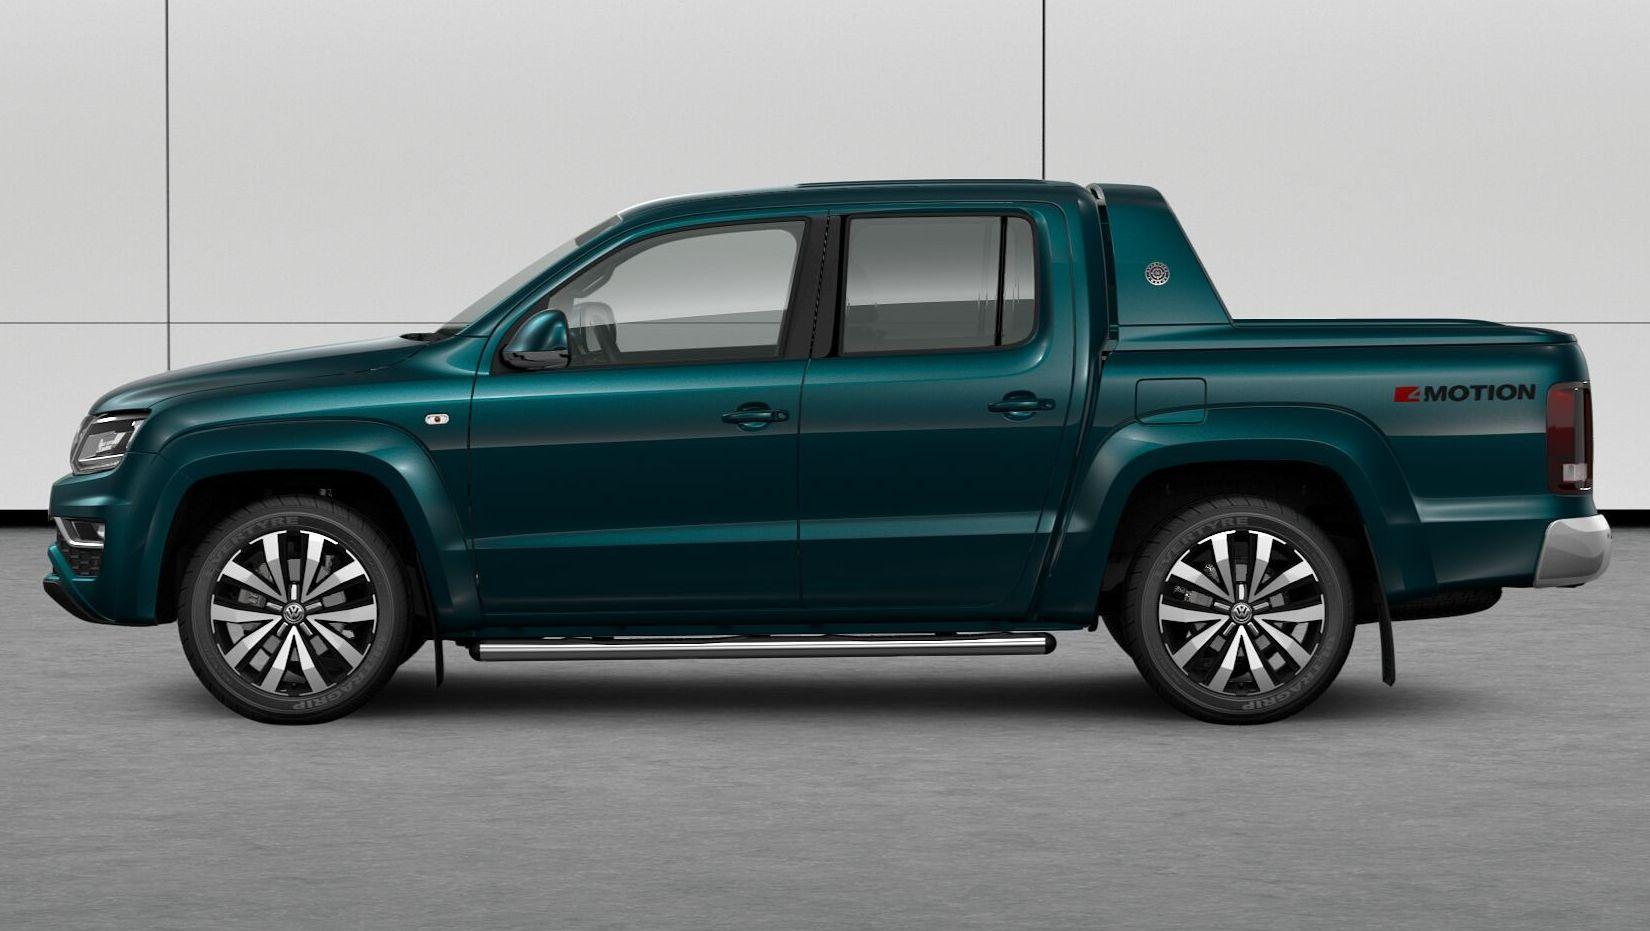 ¡Más potencia para el Volkswagen Amarok 3.0 V6 TDI! Ahora con 258 CV